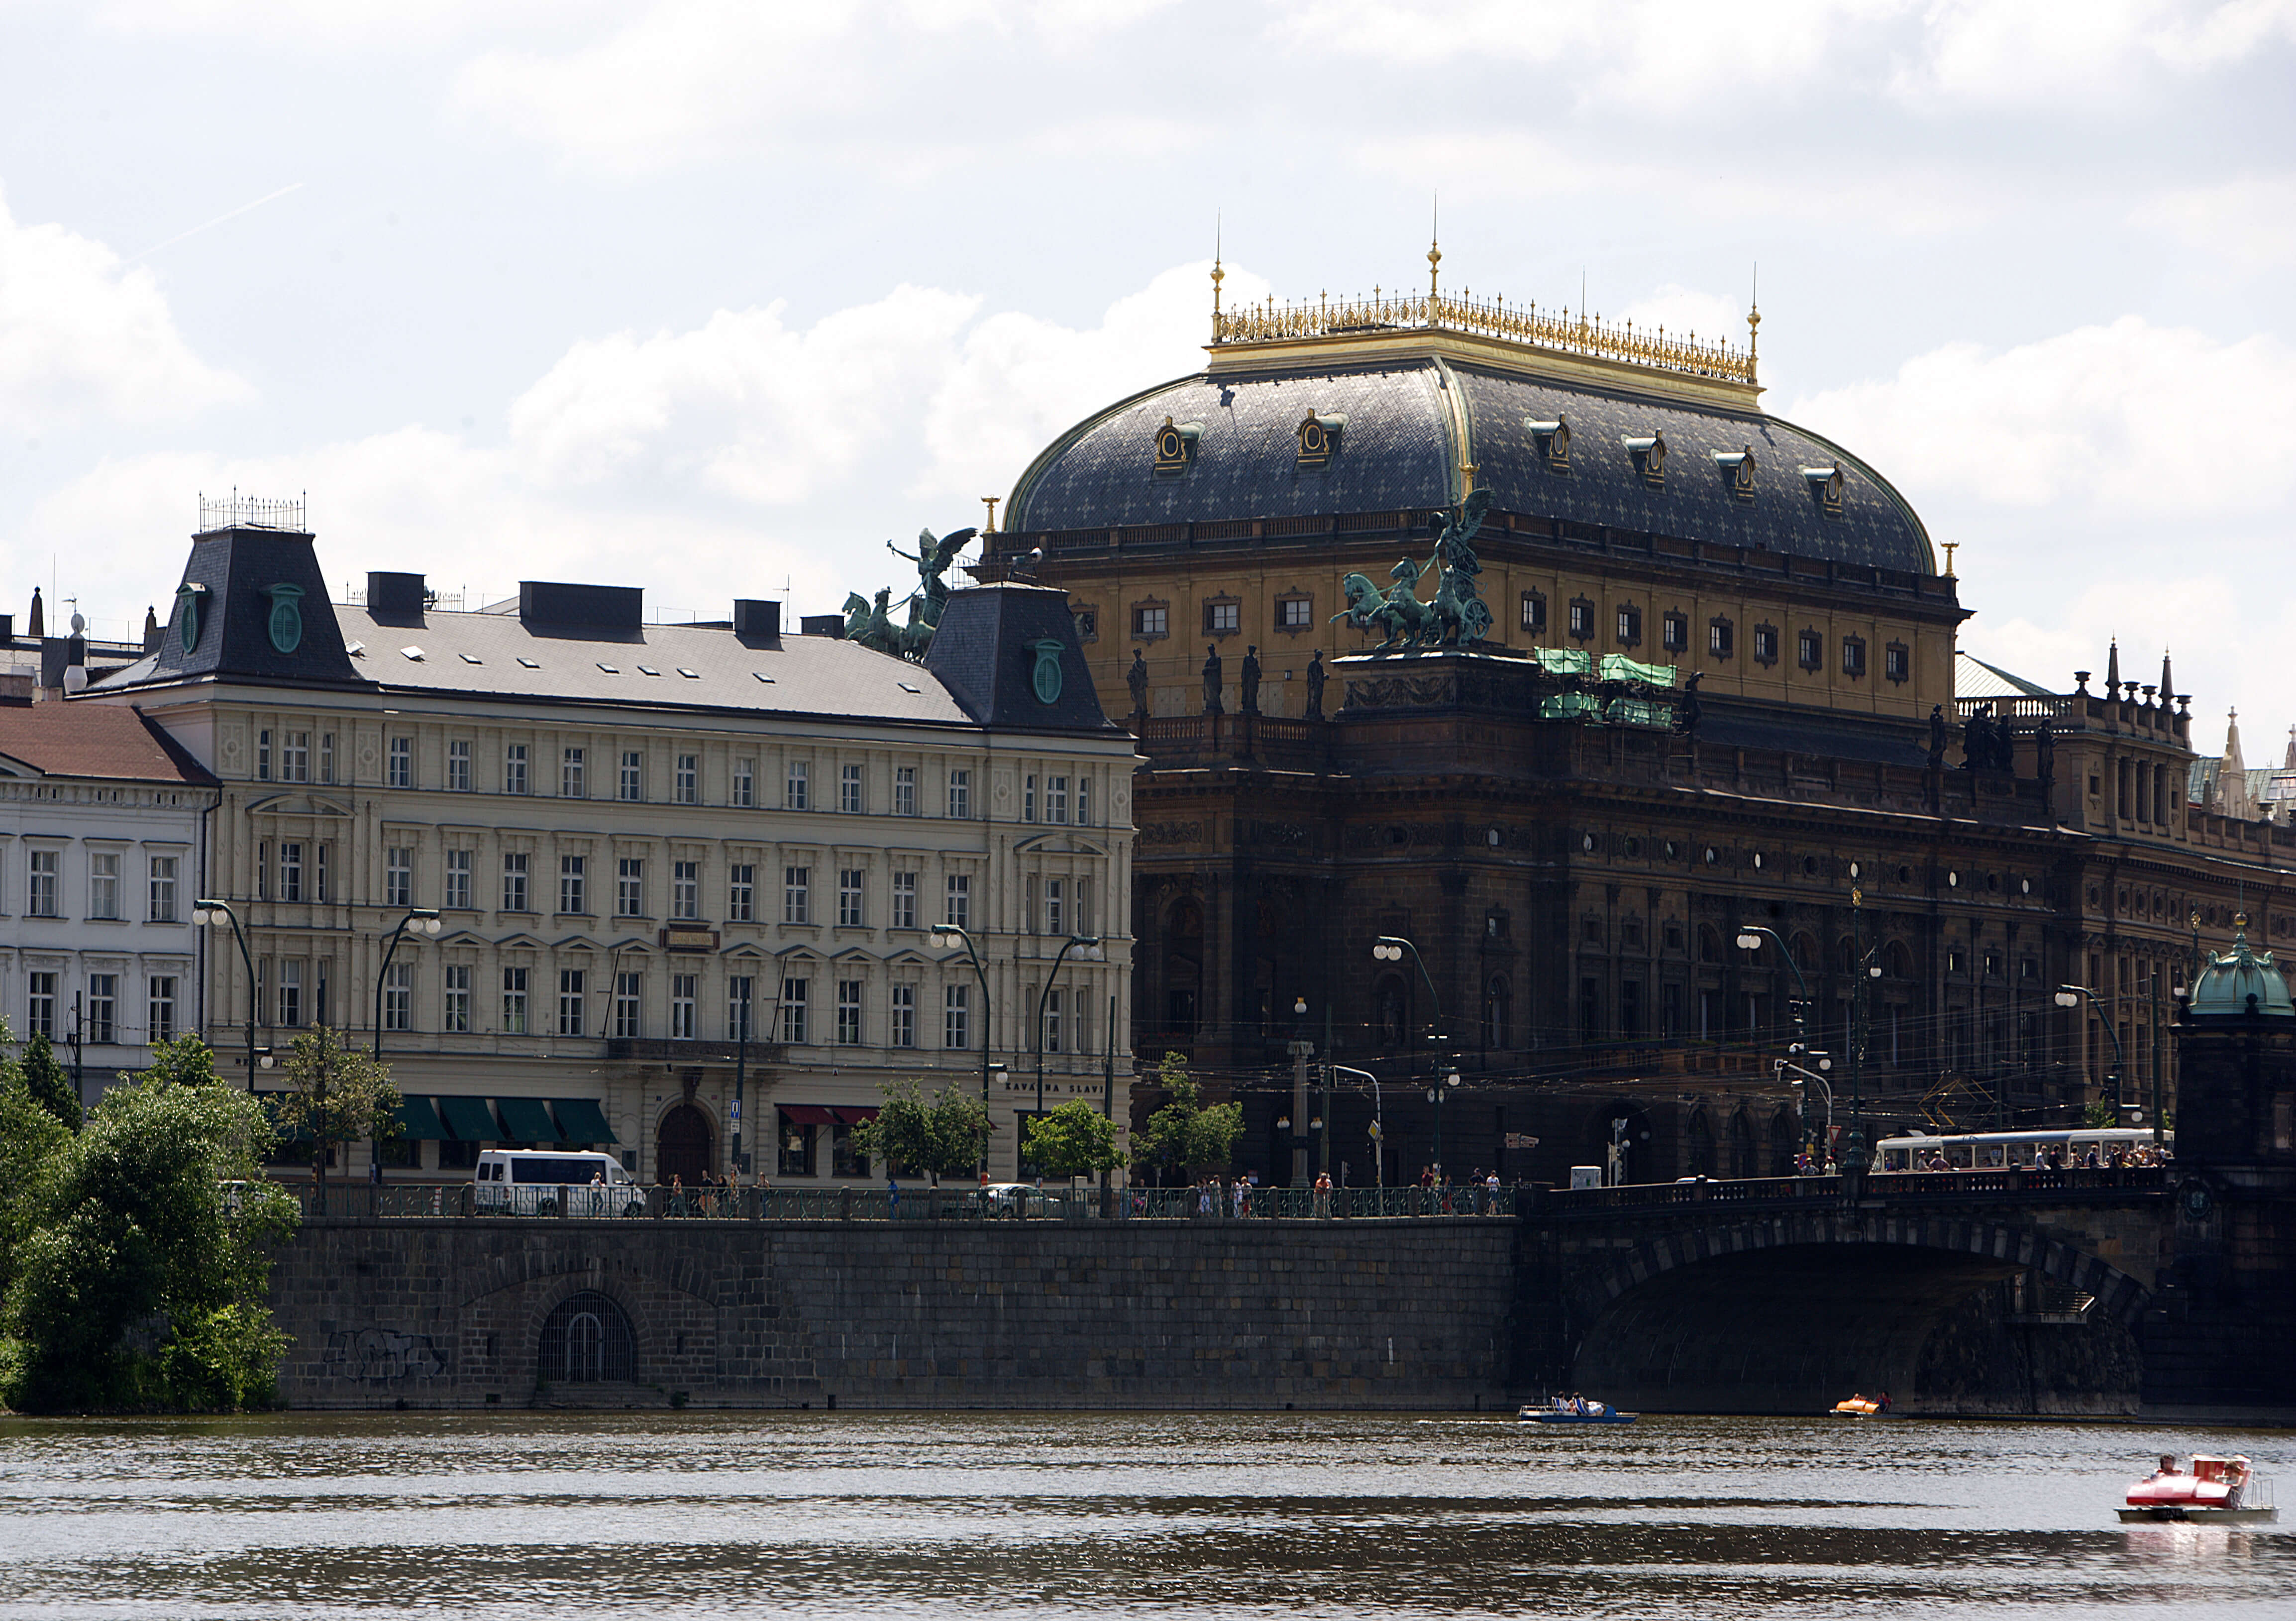 Премьеру Чехии и его семье угрожали убийством из-за проводимой политики